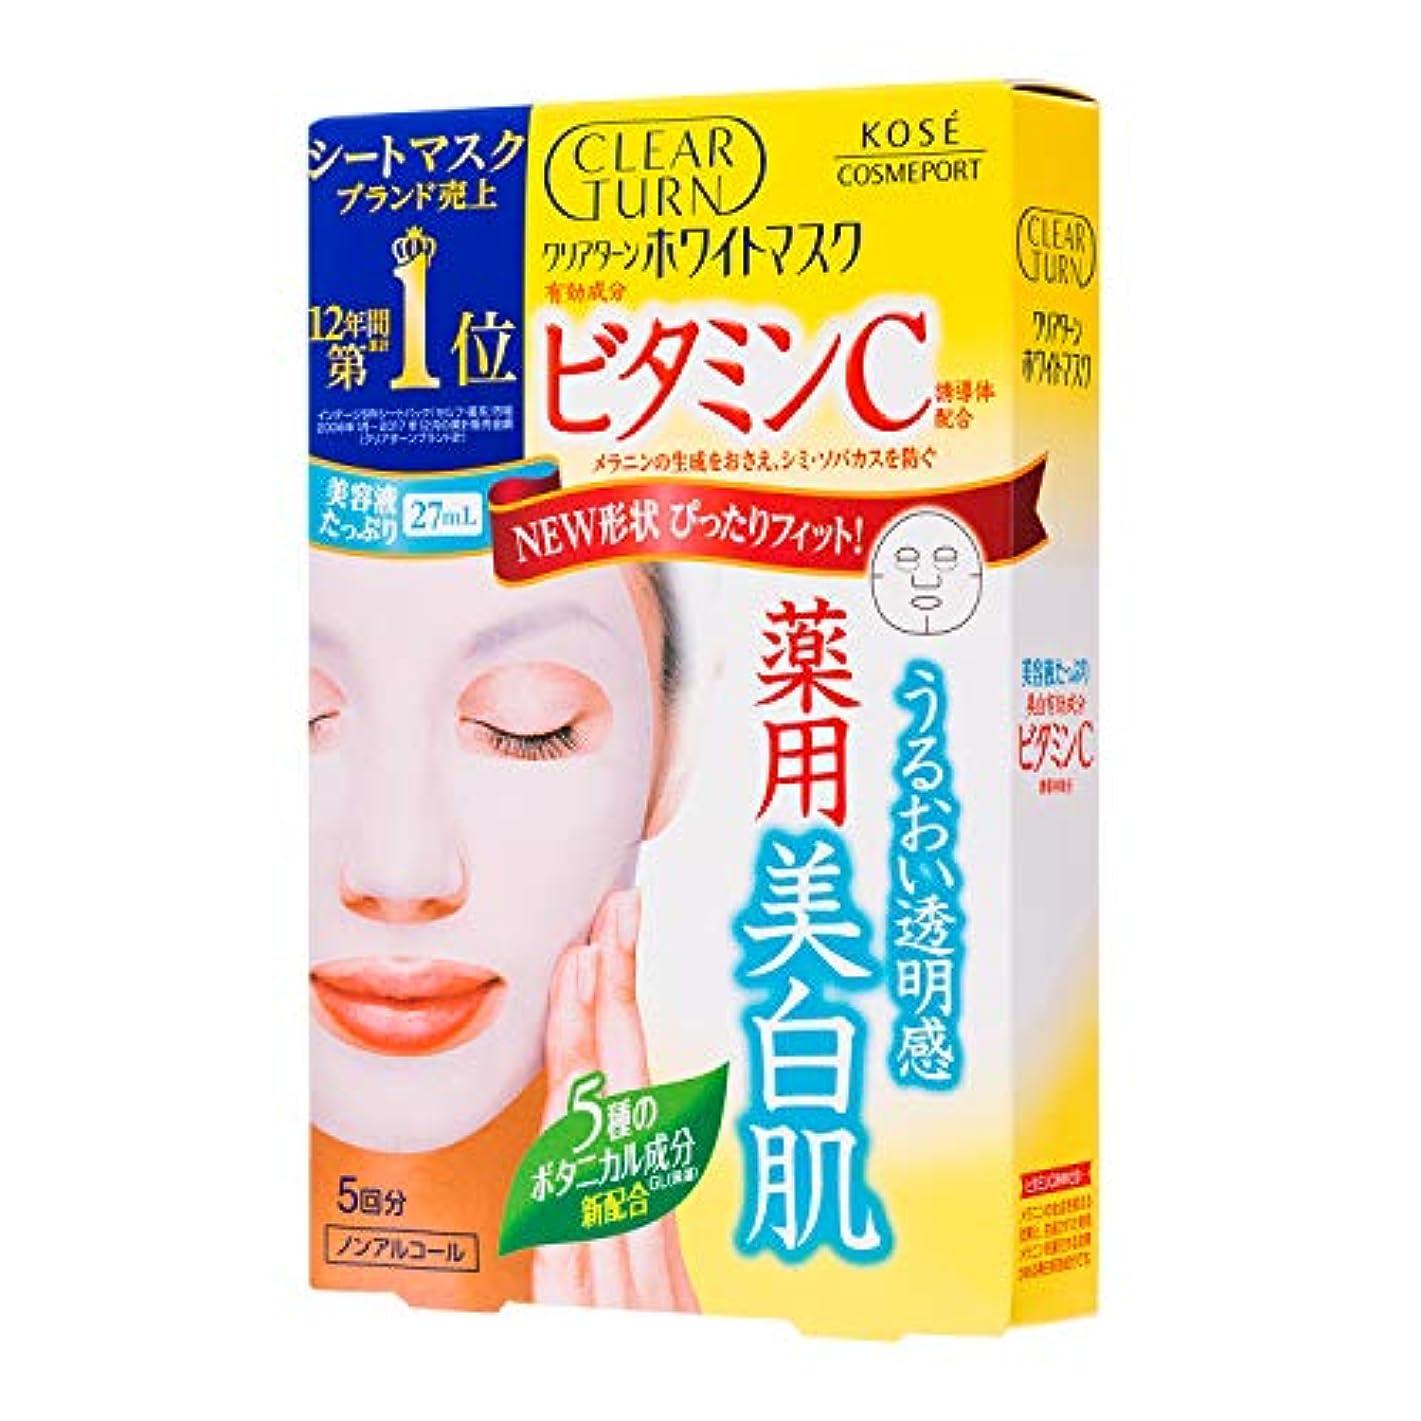 さらに慎重蒸発KOSE コーセー クリアターン ホワイト マスク VC (ビタミンC) 5枚 フェイスマスク